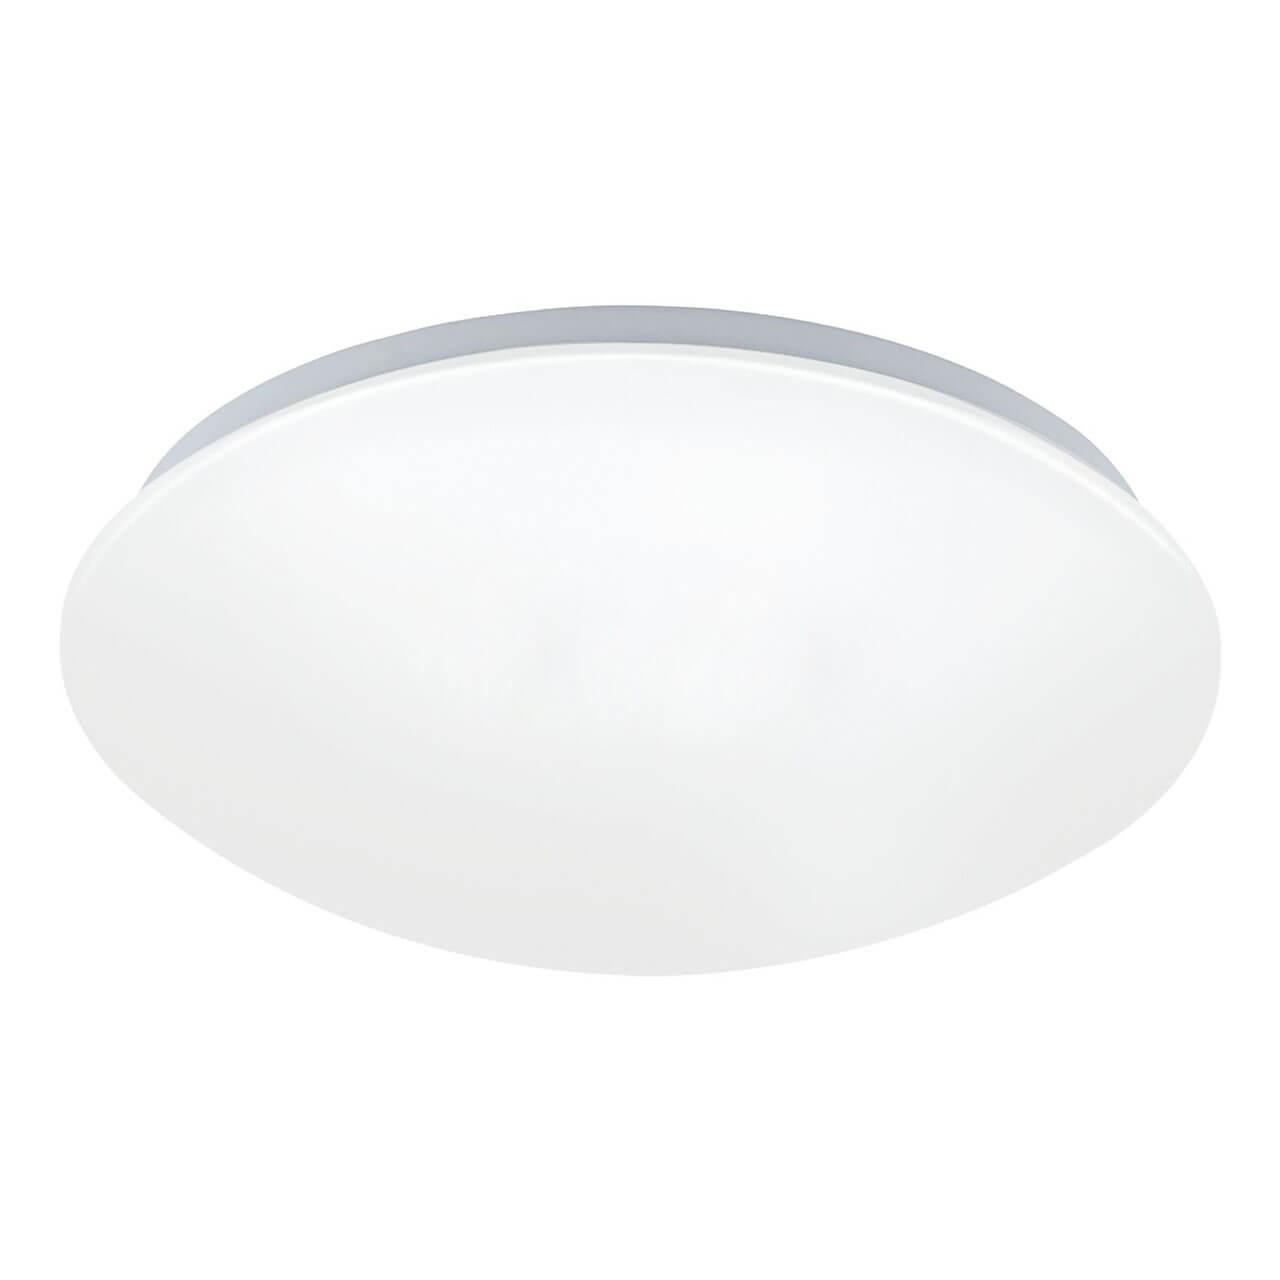 Накладной светильник Eglo 97103, LED, 24 Вт потолочный светодиодный светильник eglo giron c 32589